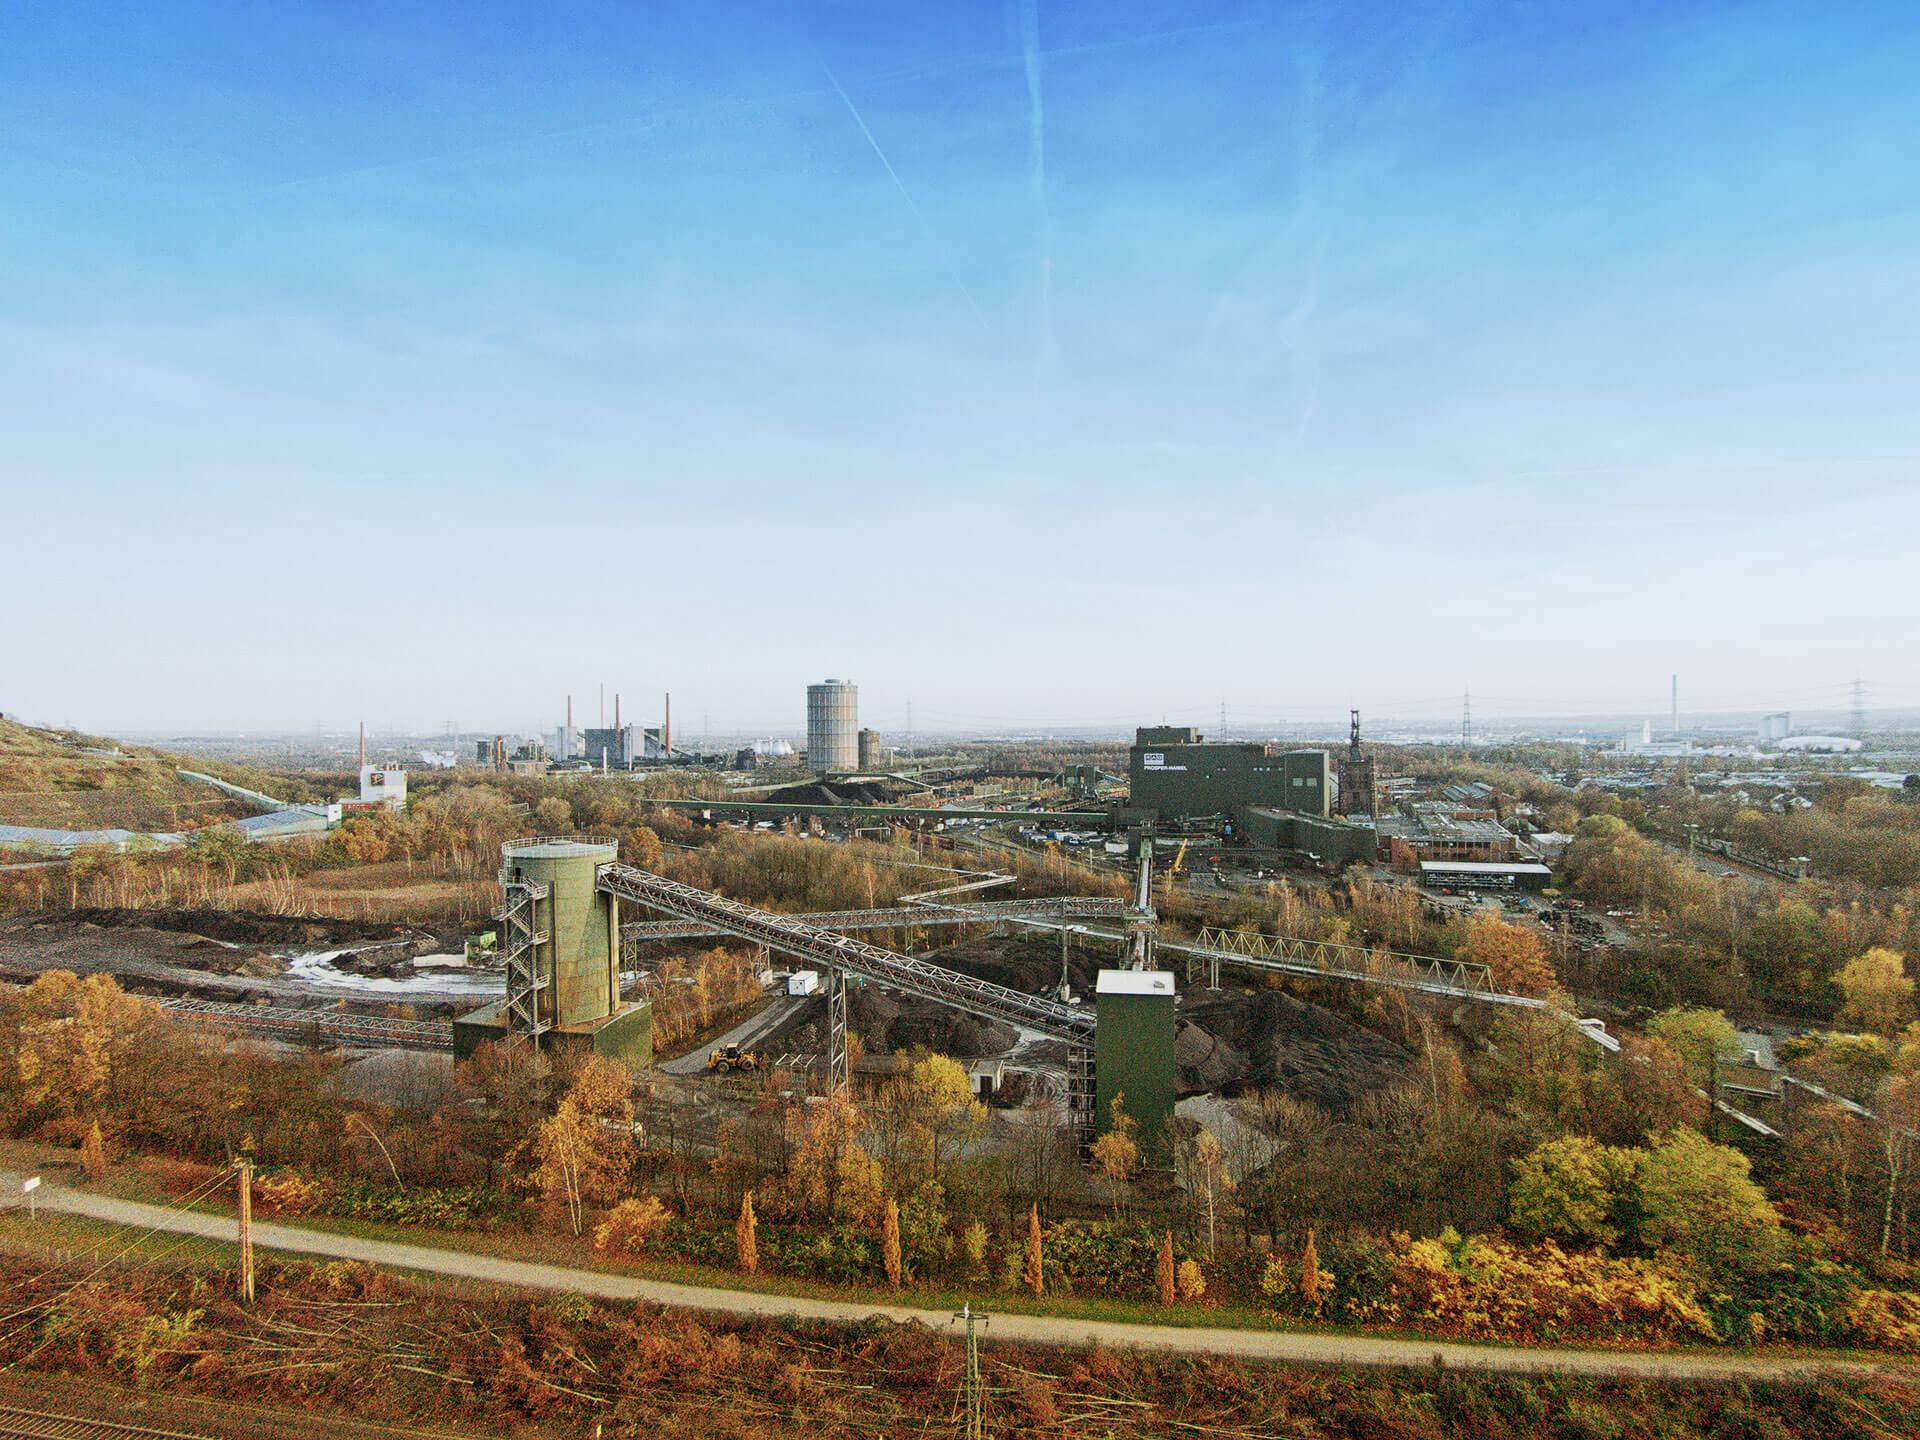 Luftbild von der Industrie in Dortmund